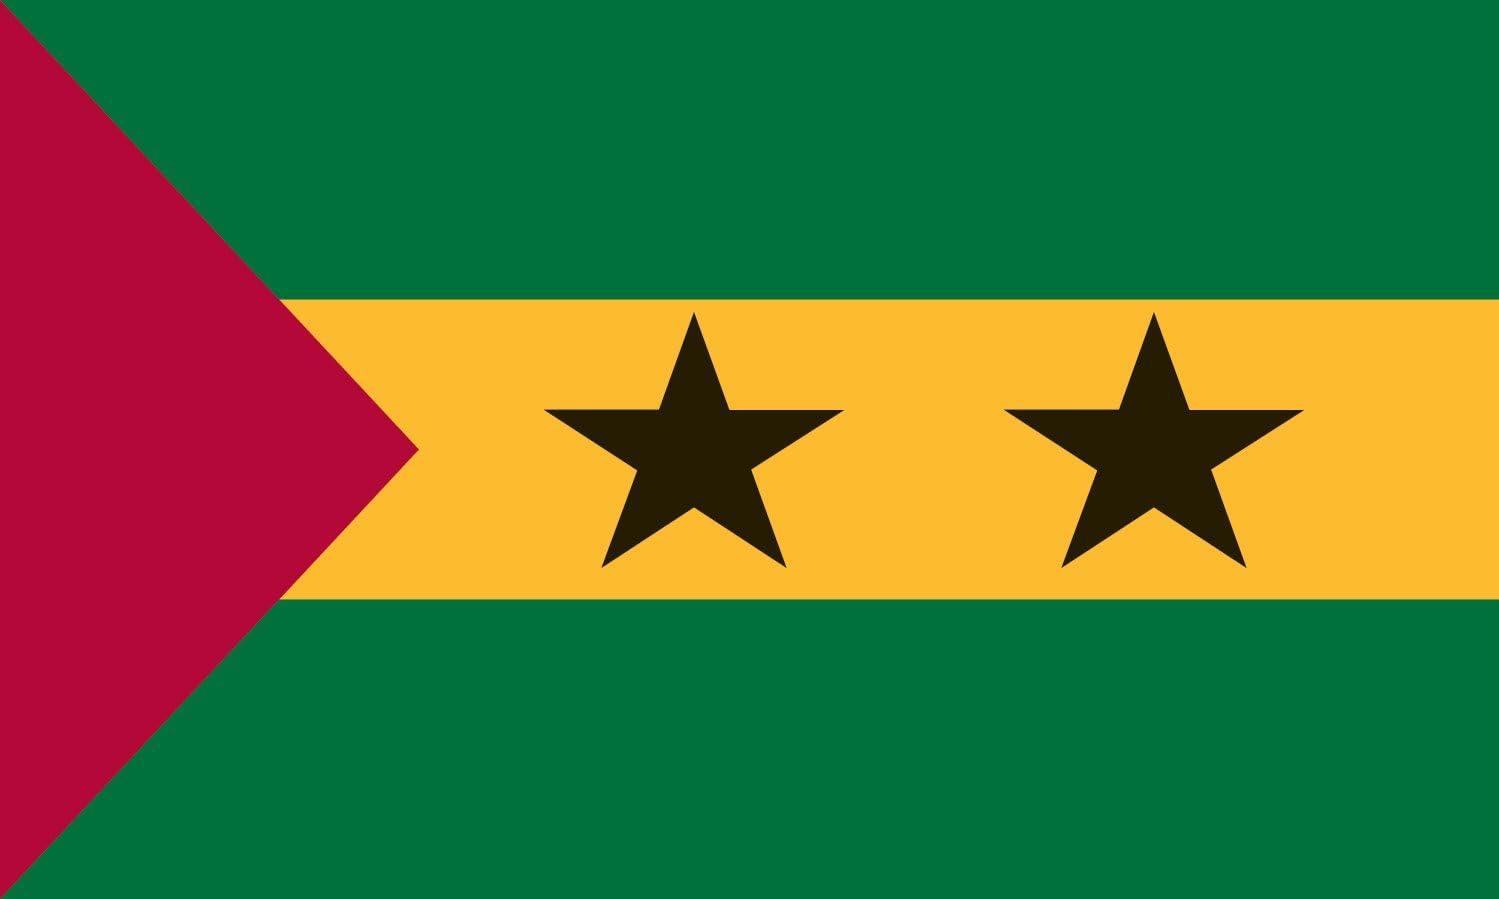 Valley Forge Flag 23224220 Perma-NYL Sao Tome and Principle Flag, Nylon, 2'x3', 4' x 6'